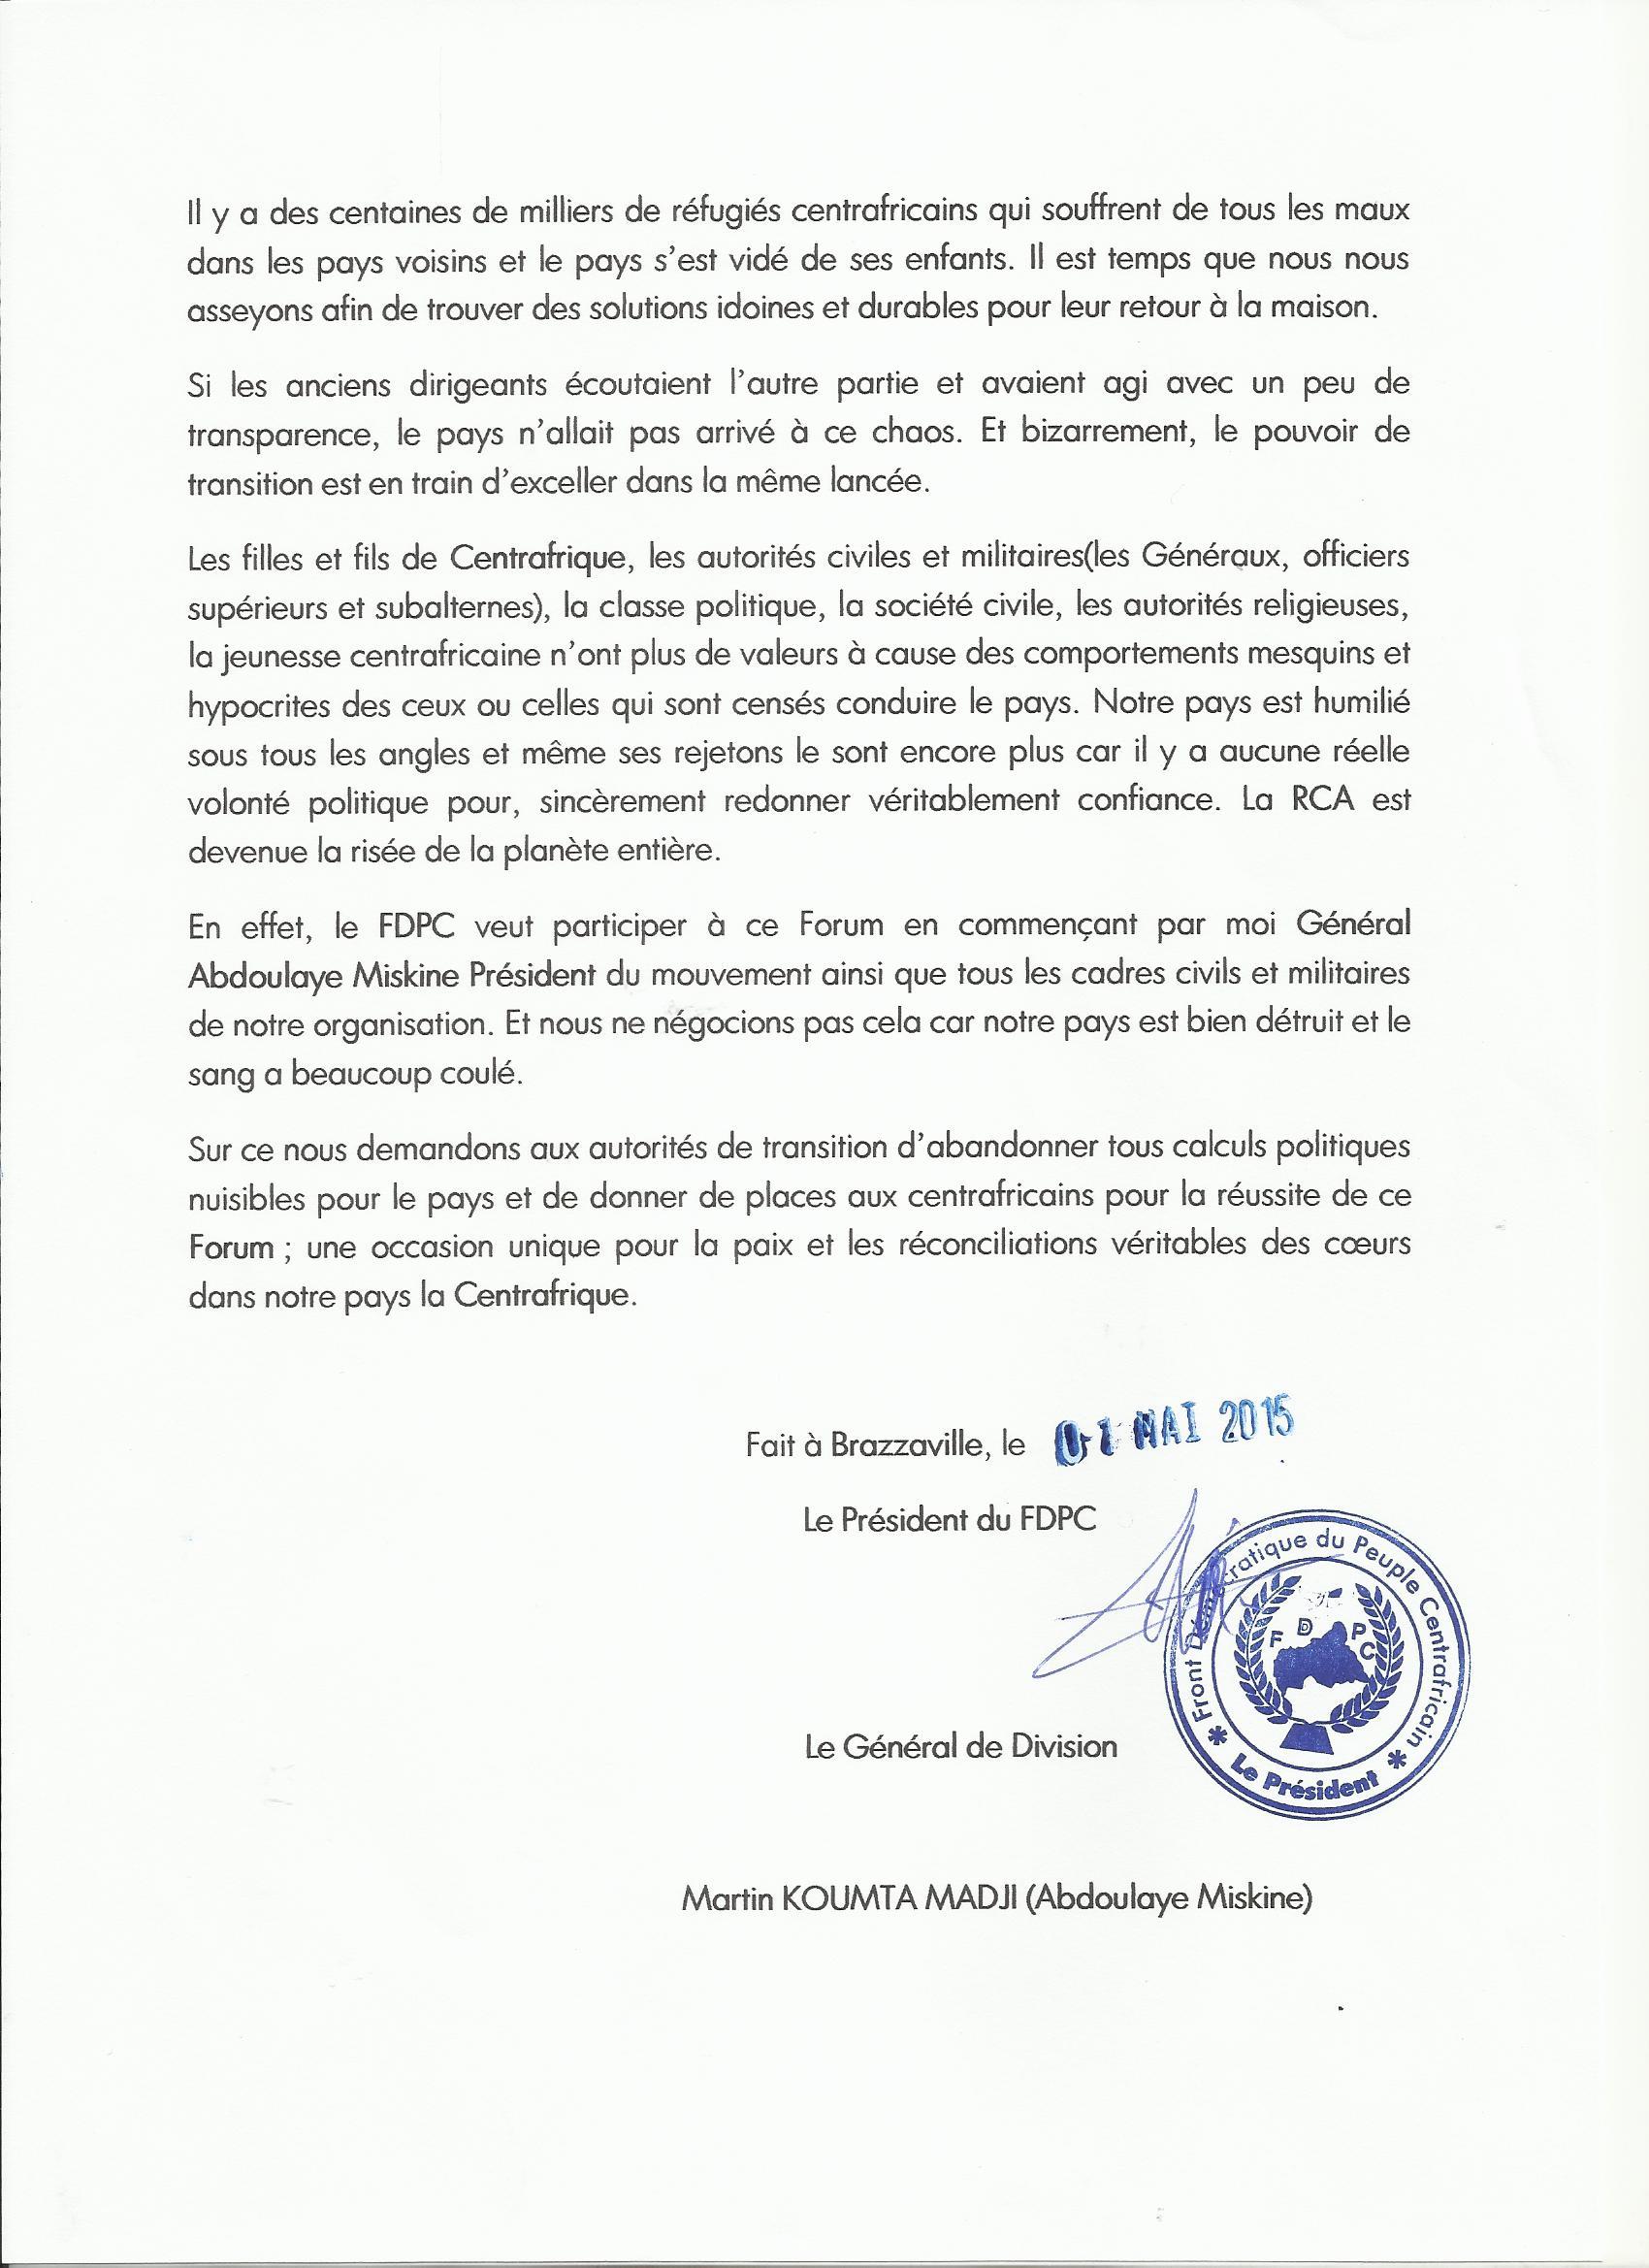 RCA : Le général Miskine demande au gouvernement d'abandonner les calculs politiques